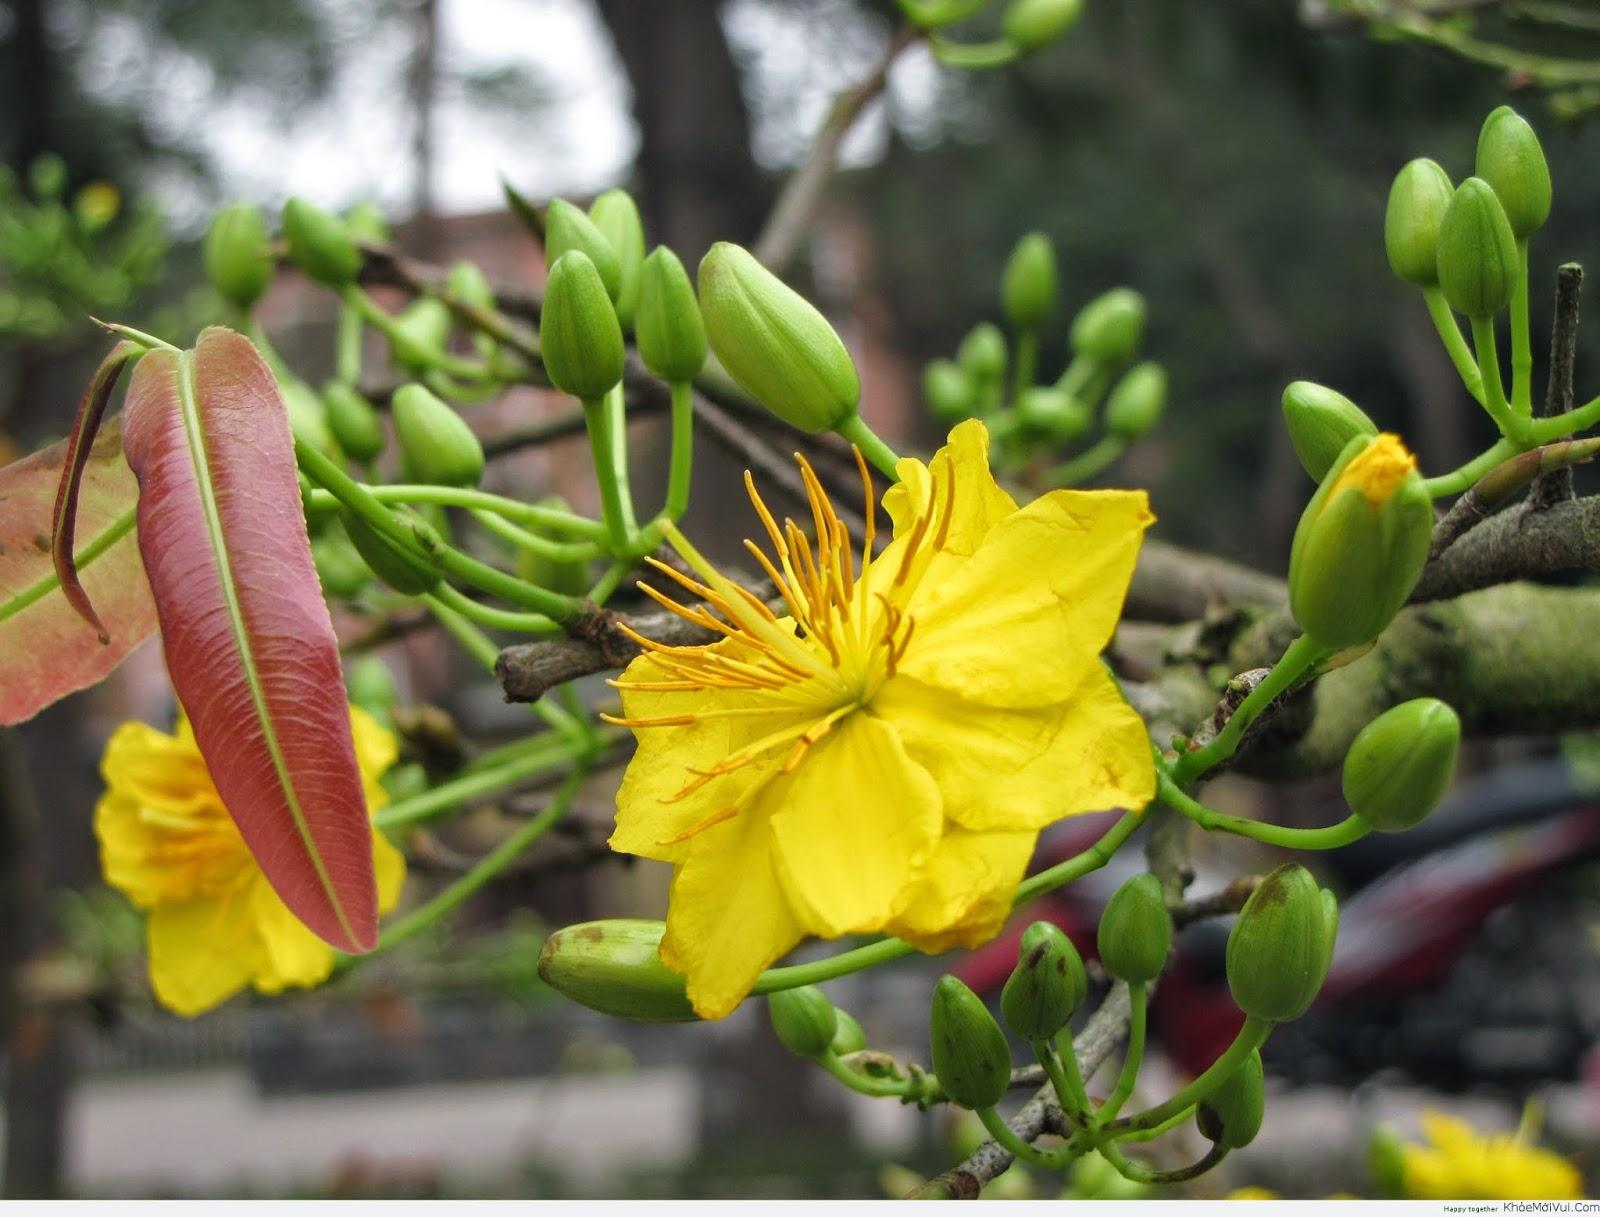 Tuy nhiên, chỉ có hoa mai nở trong dịp Tết, người dân mới cảm nhận được ý nghĩa sâu đậm của hoa mai trong không khí của ngày Tết mà thôi.